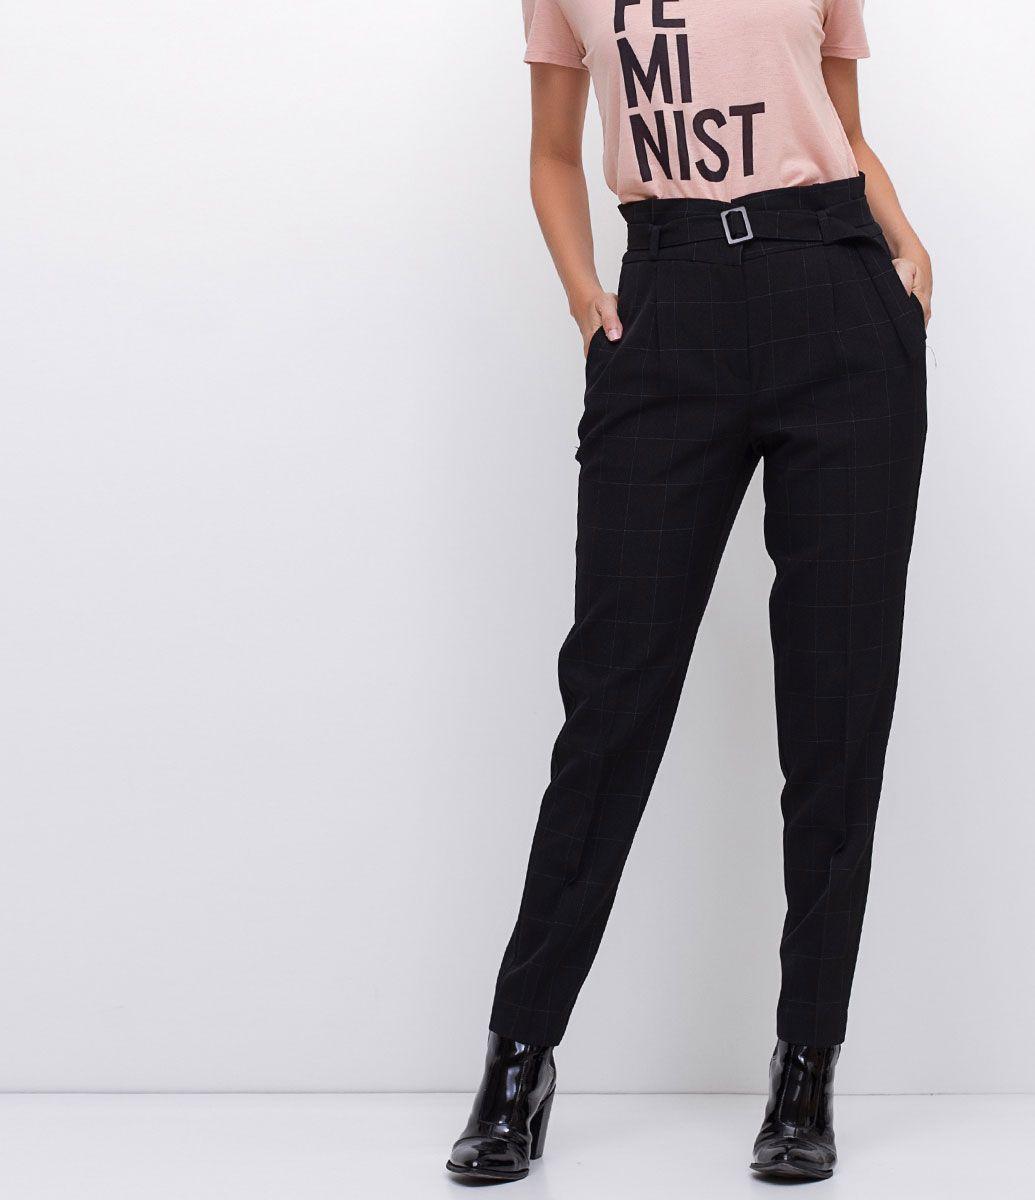 829b839f3 Calça feminina Modelo reta Com cinto Marca: Cortelle Tecido: Alfaiataria  Modelo veste tamanho: